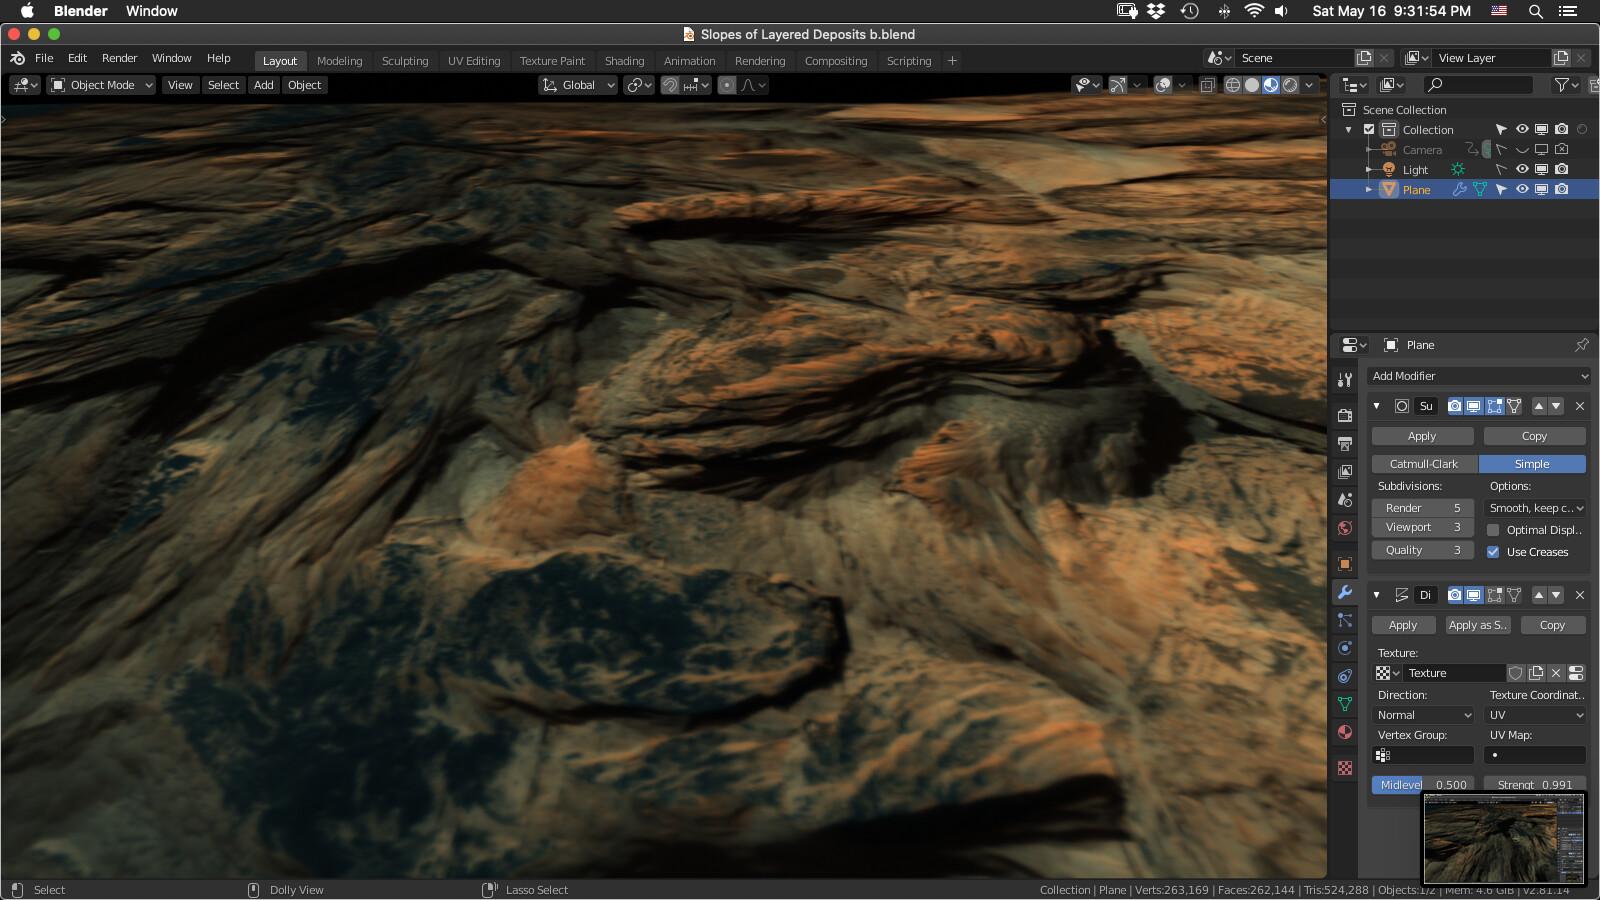 Screengrab of Blender viewport using UofArizona DTMs